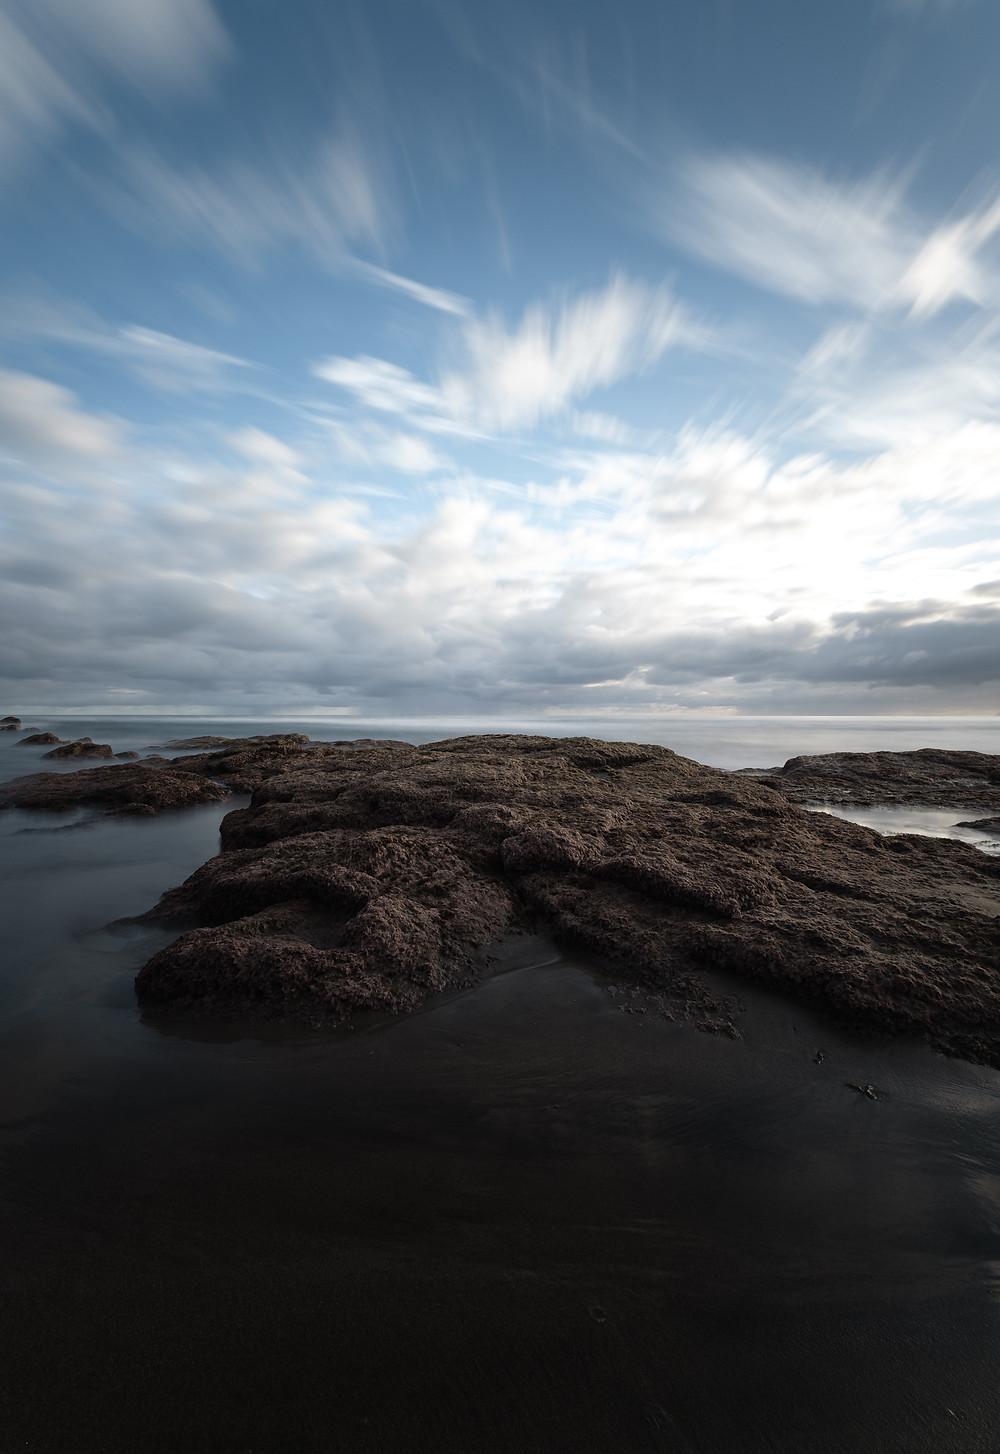 Fotografía de larga exposición diurna en los alrededores de la playa de Vagabundos, Santa María de Guía, litoral de la costa de Gran Canaria.